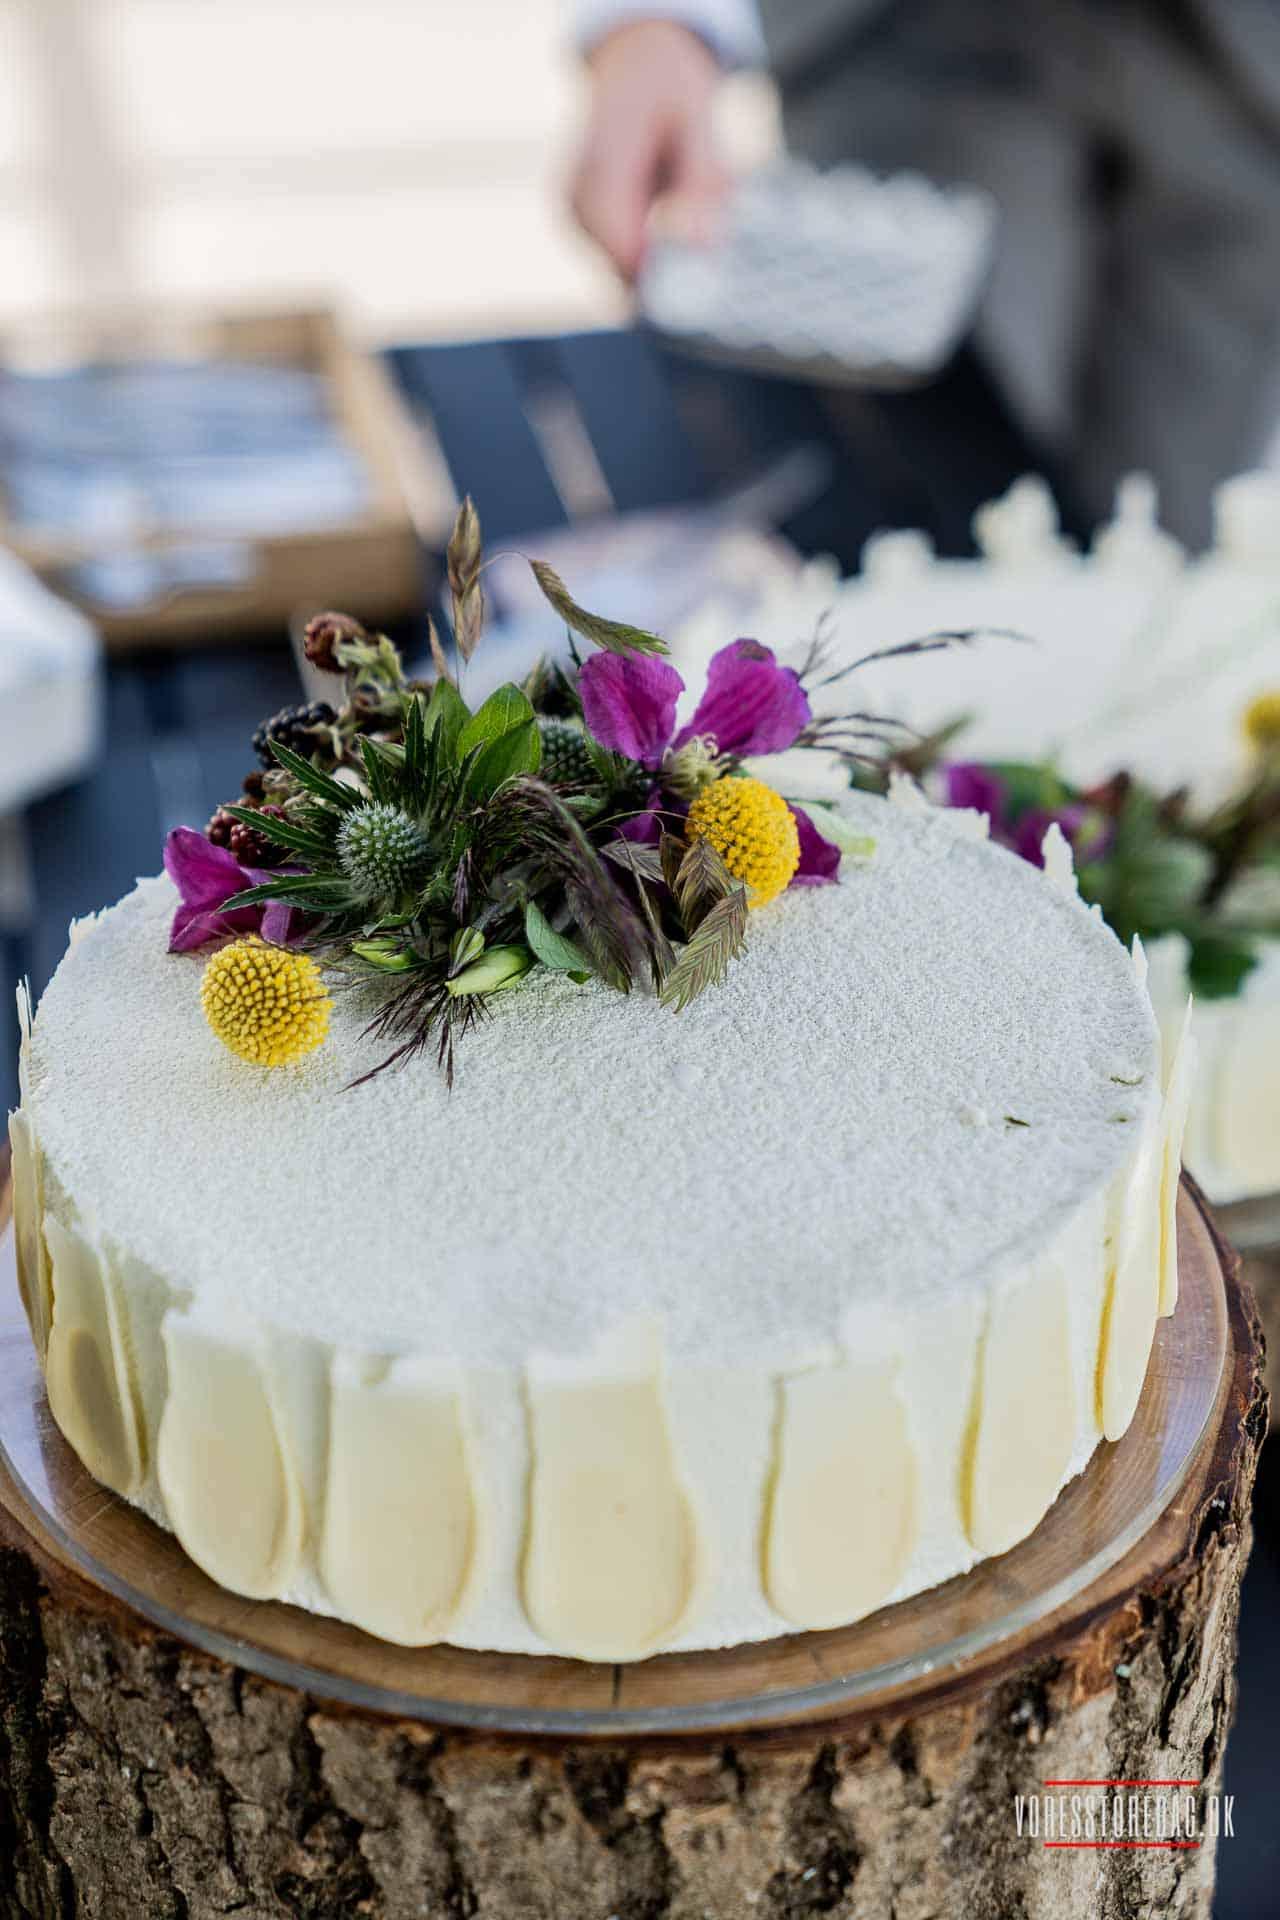 fotografere bryllupper, spise bryllupskage og skabe nye venskaber